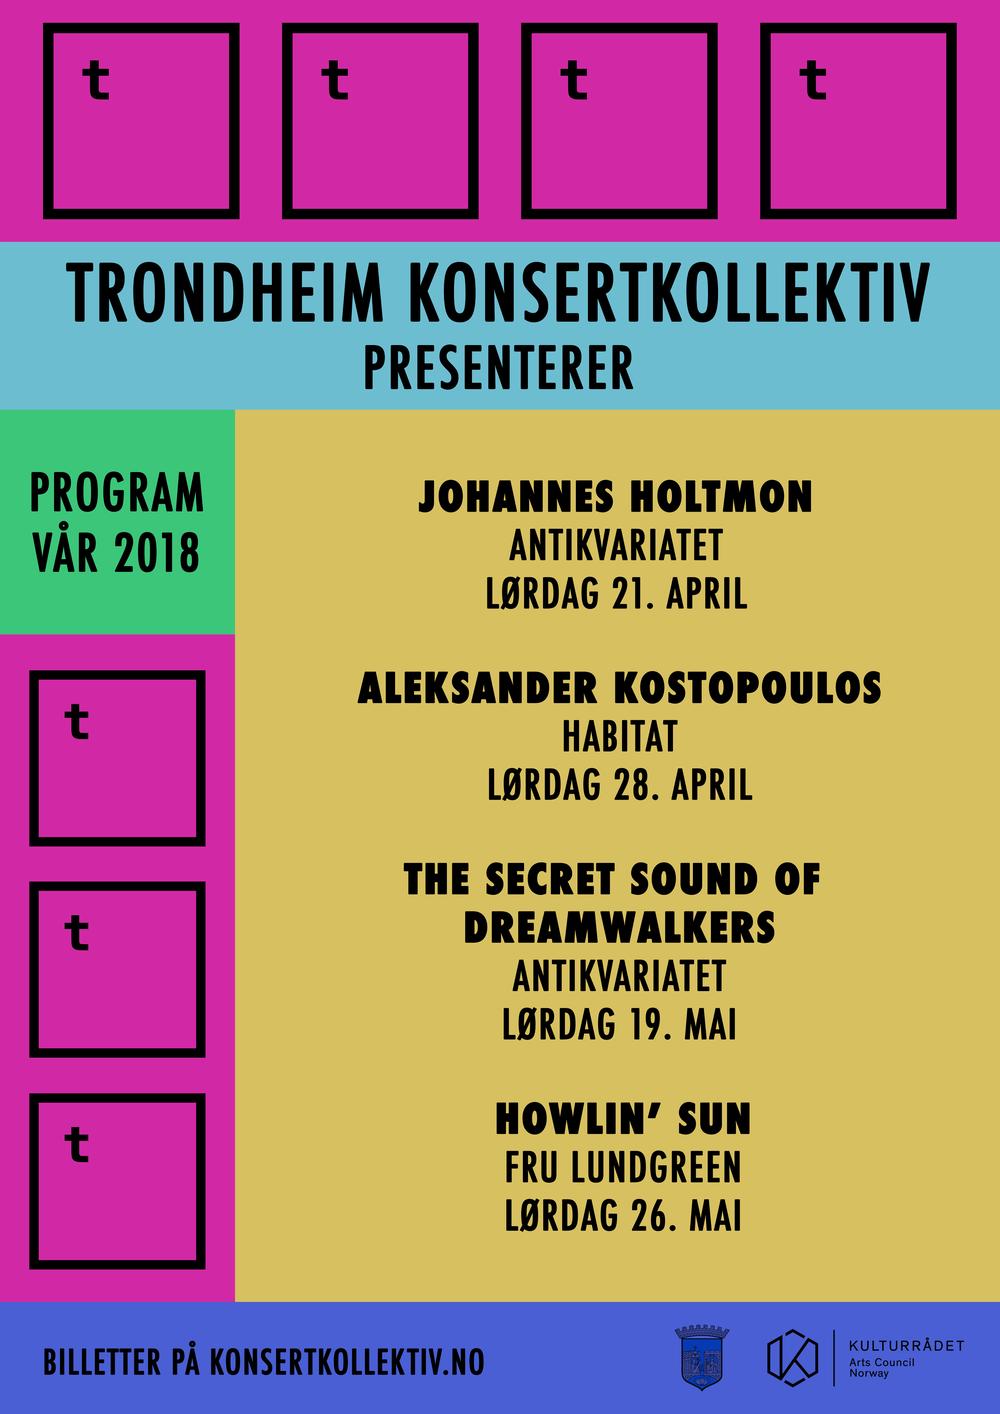 PROGRAMPLAKAT VÅR 2018